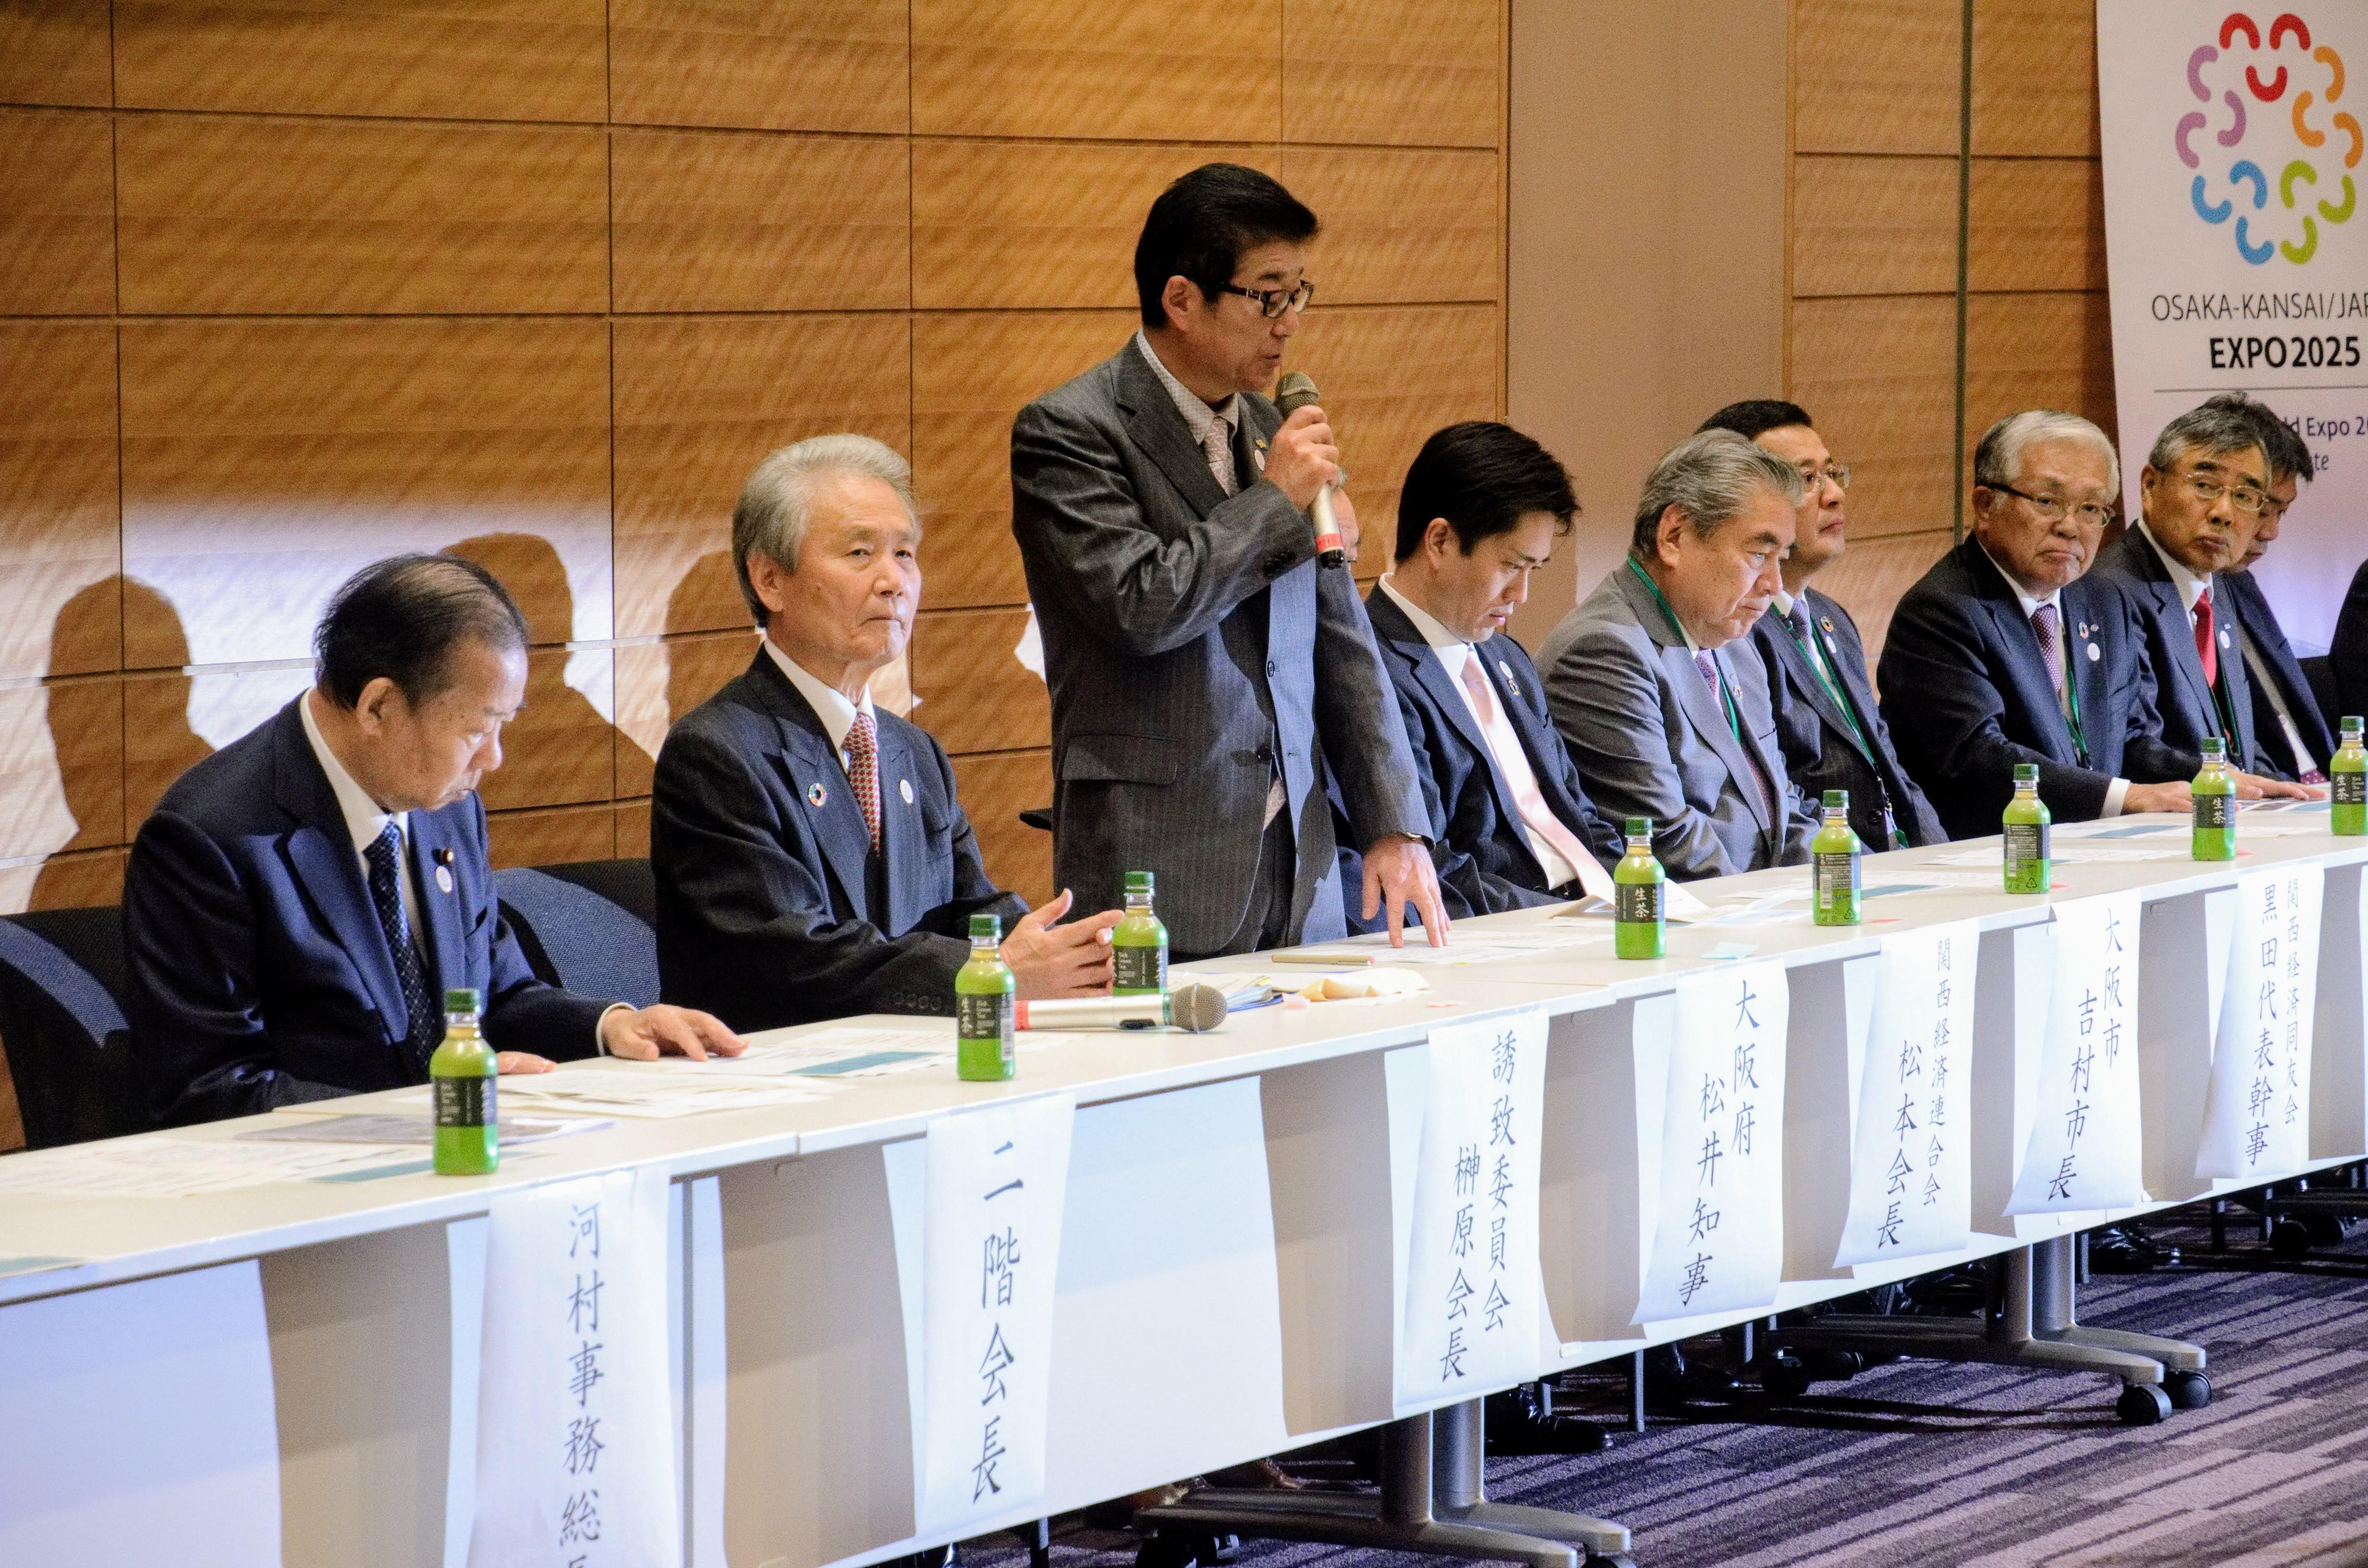 2018年11月26日(月)2025年大阪万国博覧会を実現する国会議員連盟 総会他